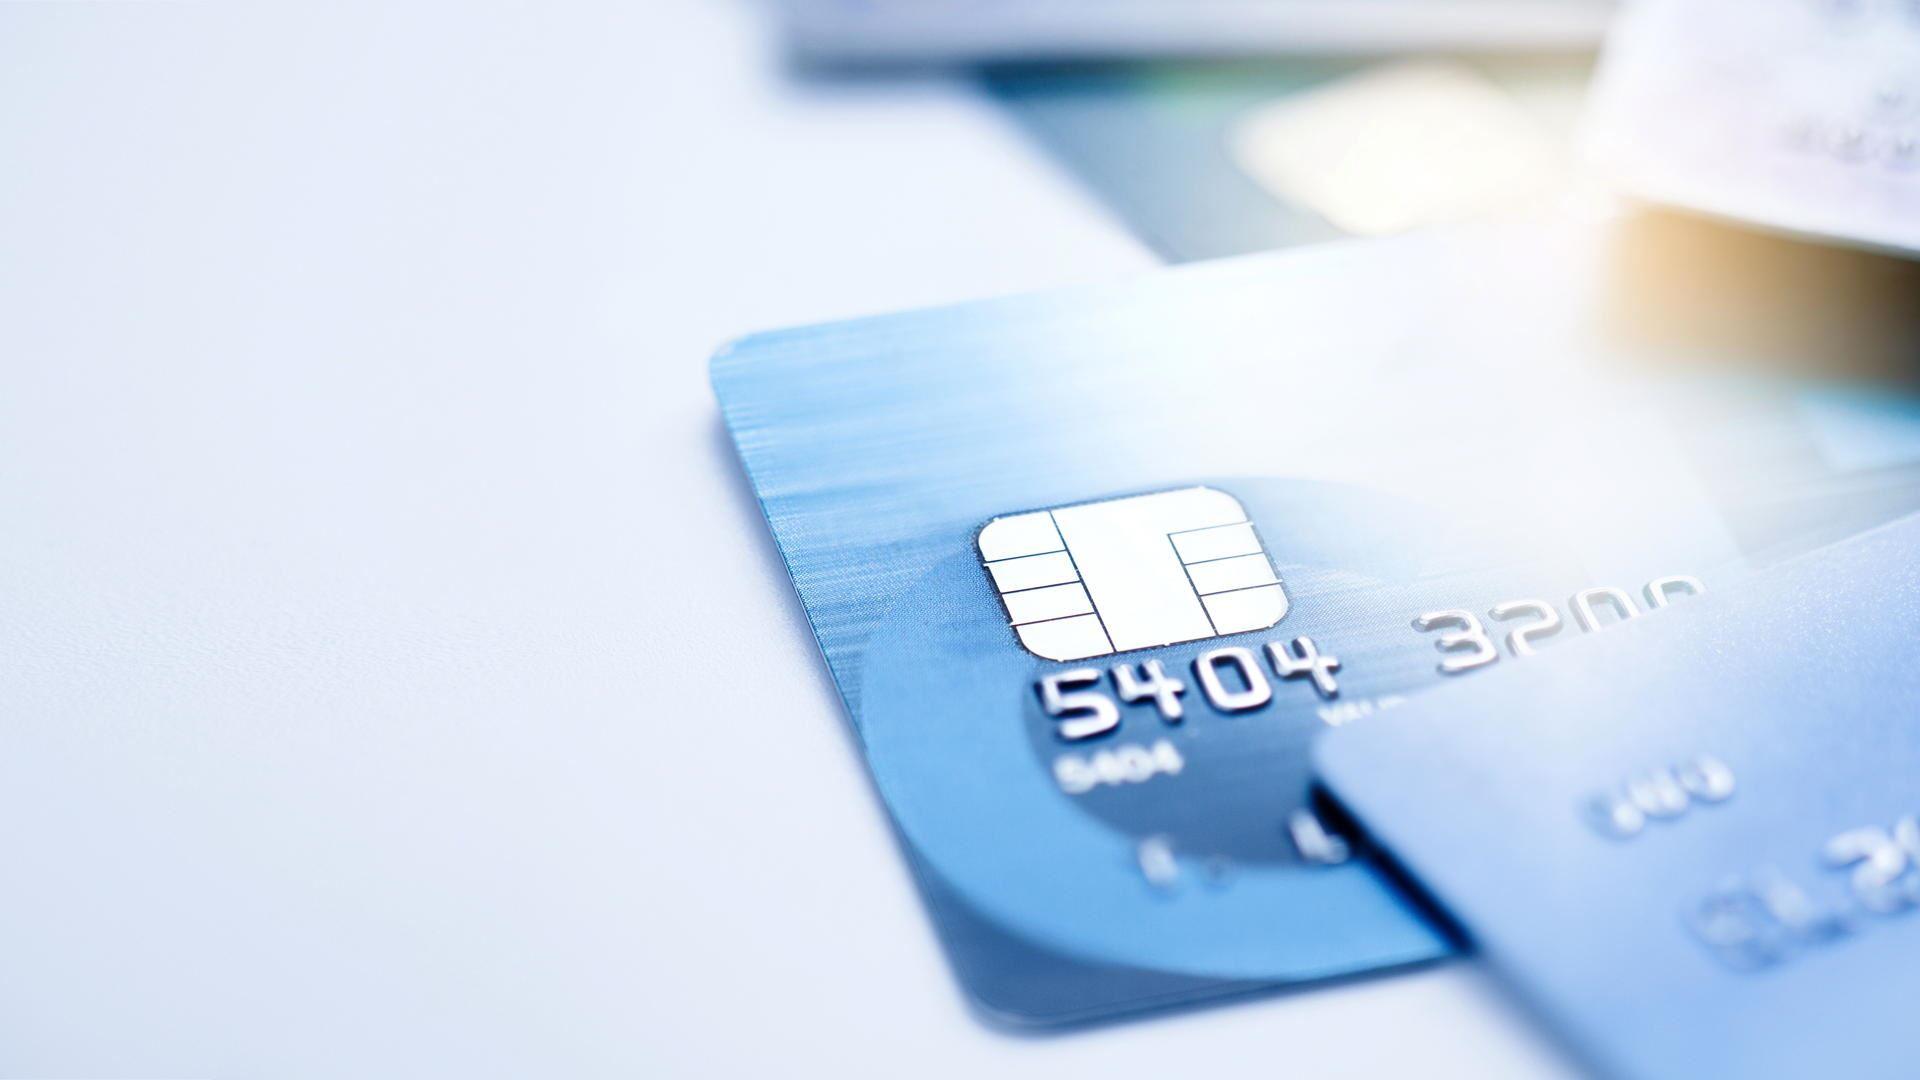 גיוס אשראי לעסקים קטנים - תמונה של כרטיס אשראי